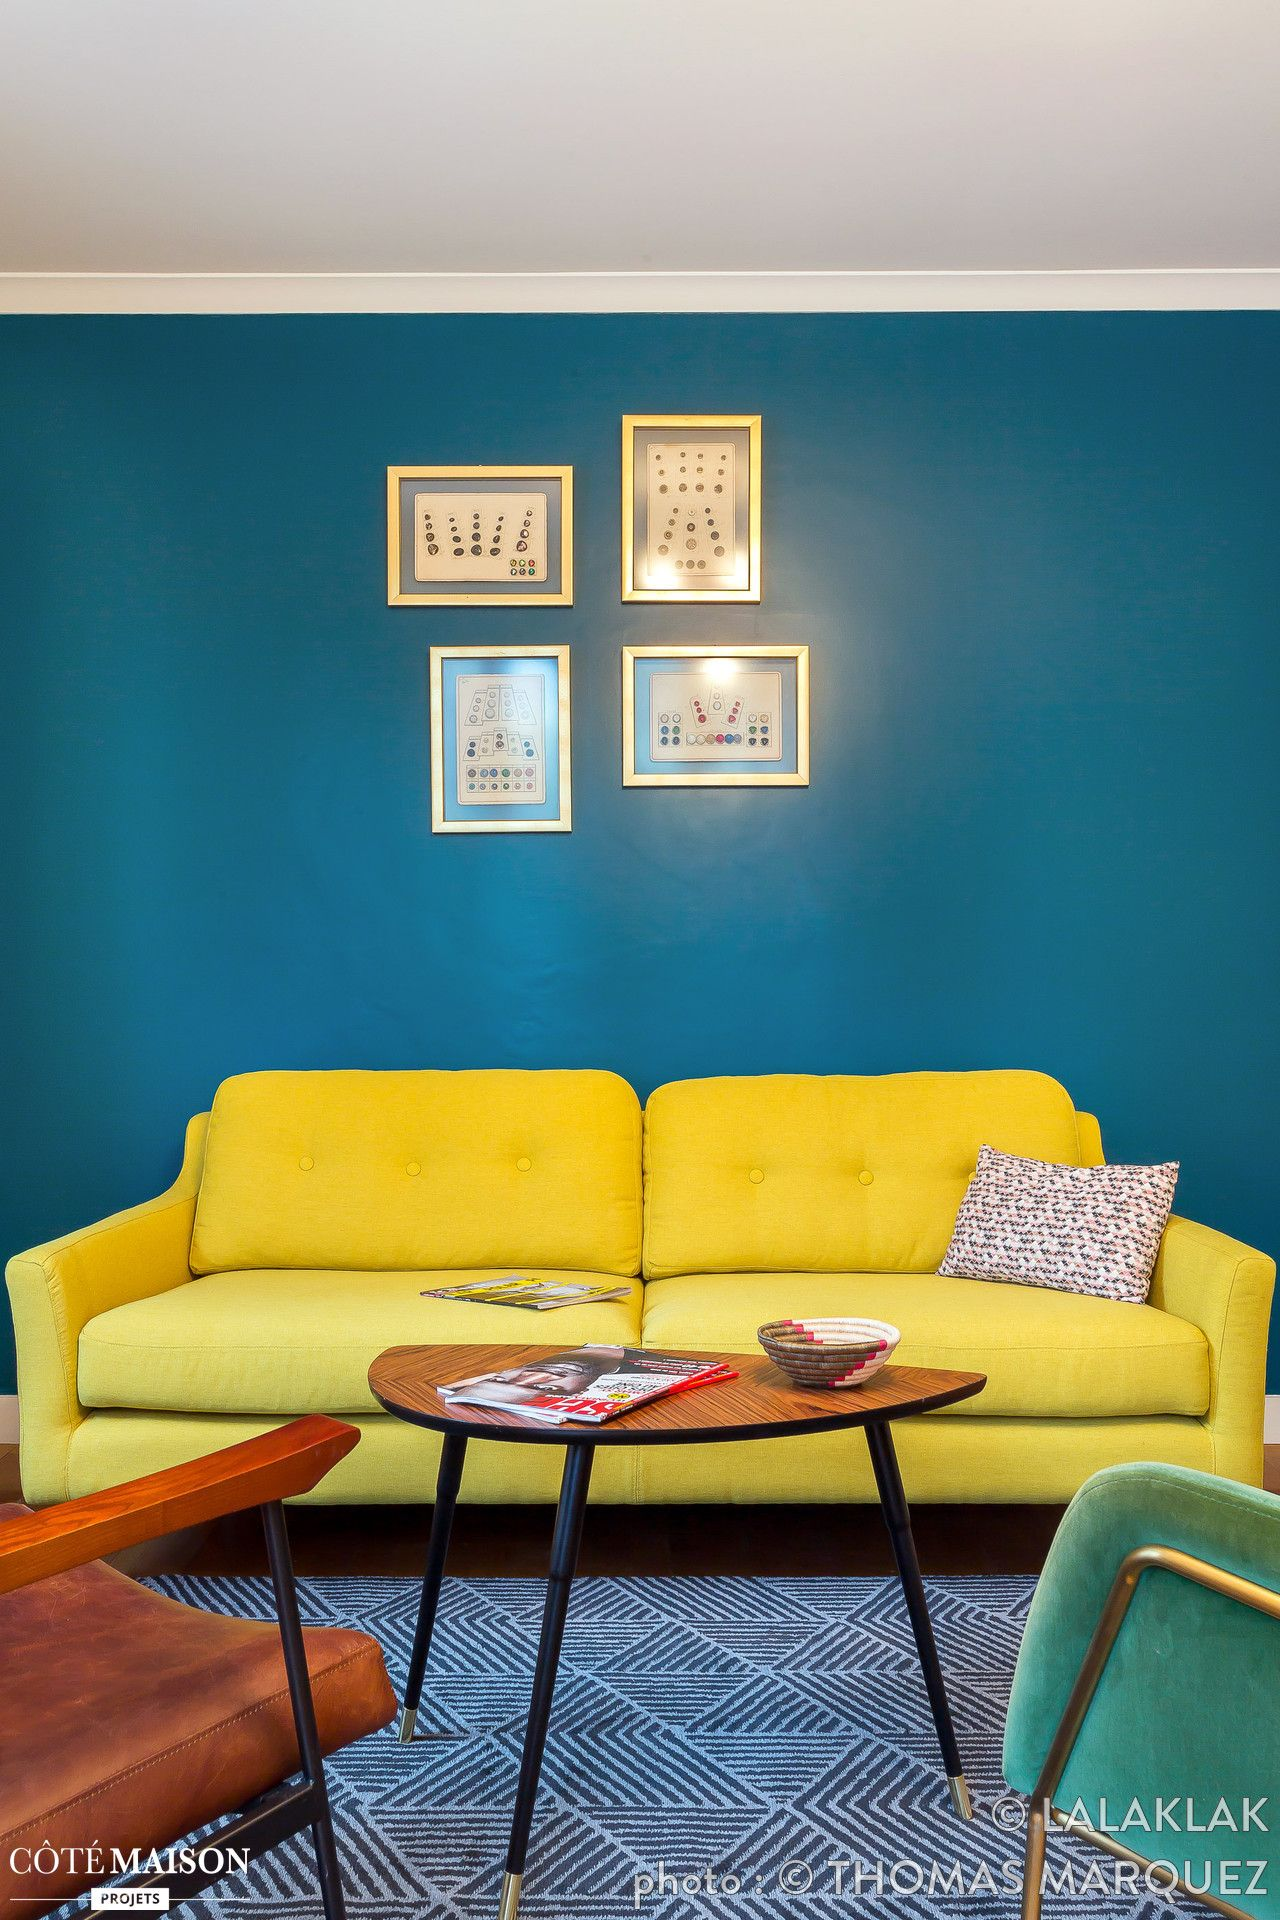 Le canapé jaune et le mur bleu du salon réveillent la déco ...